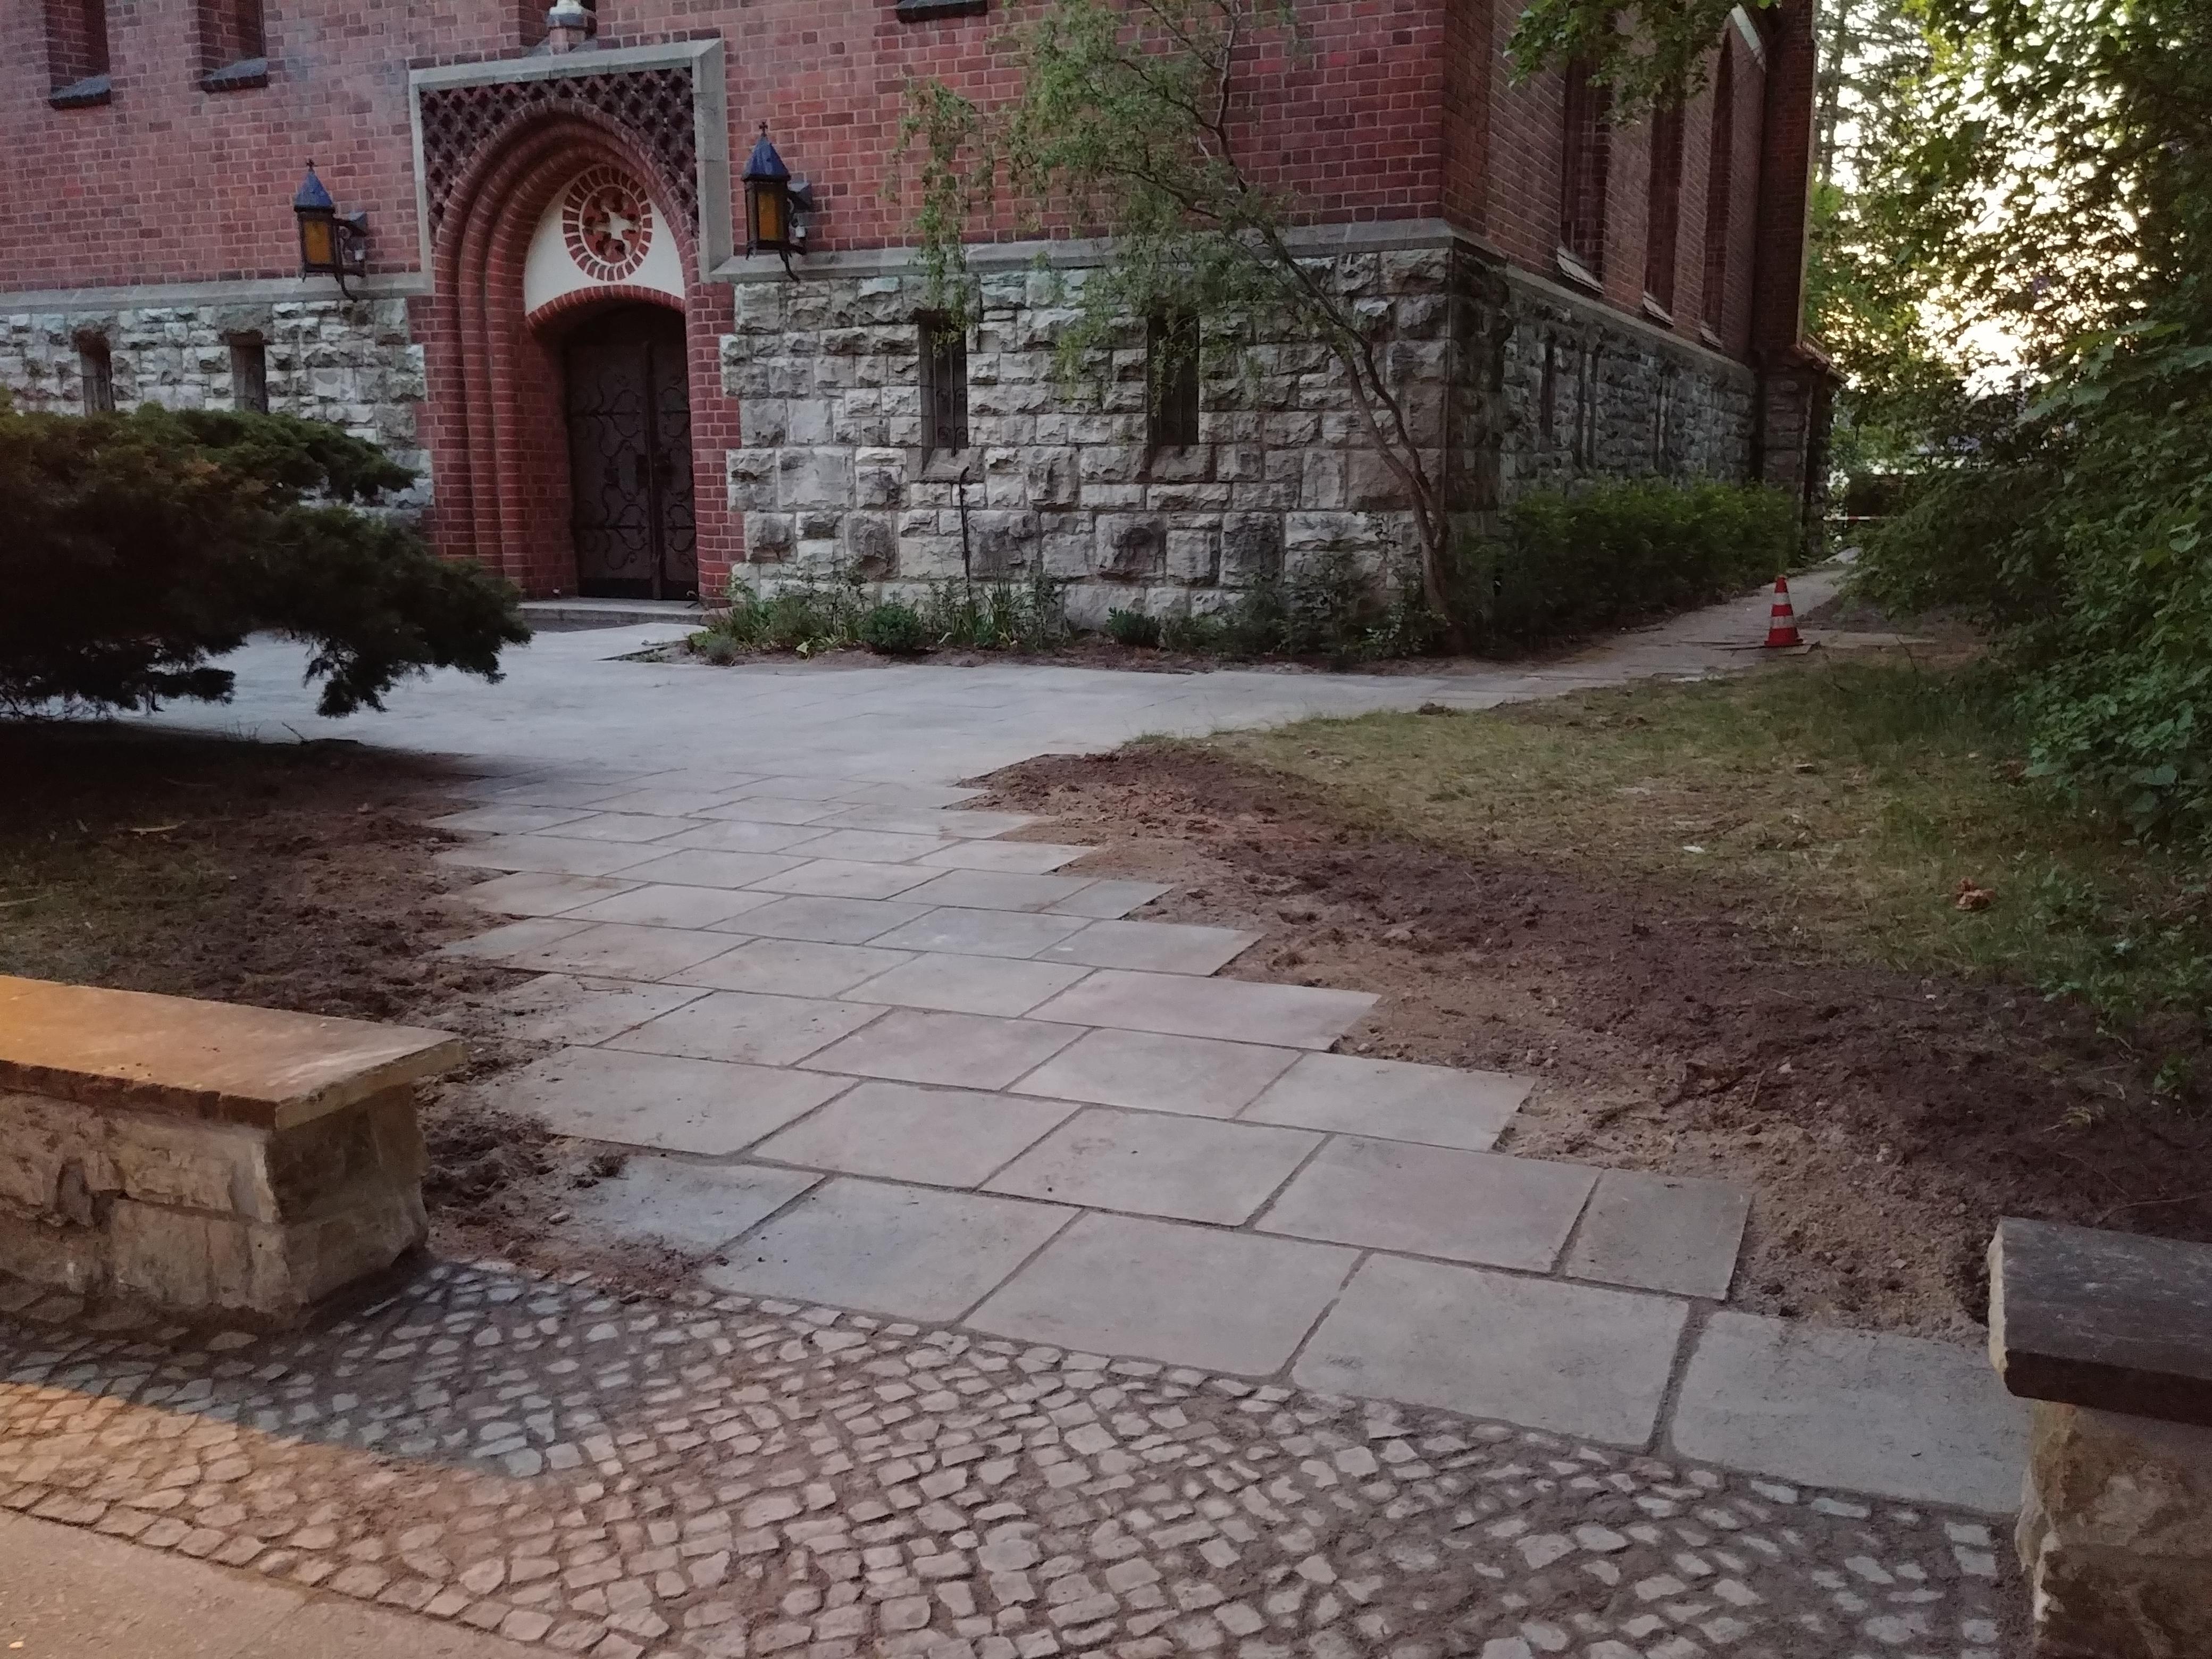 Königin-Luise-Kirche jetzt barrierefrei zugänglich